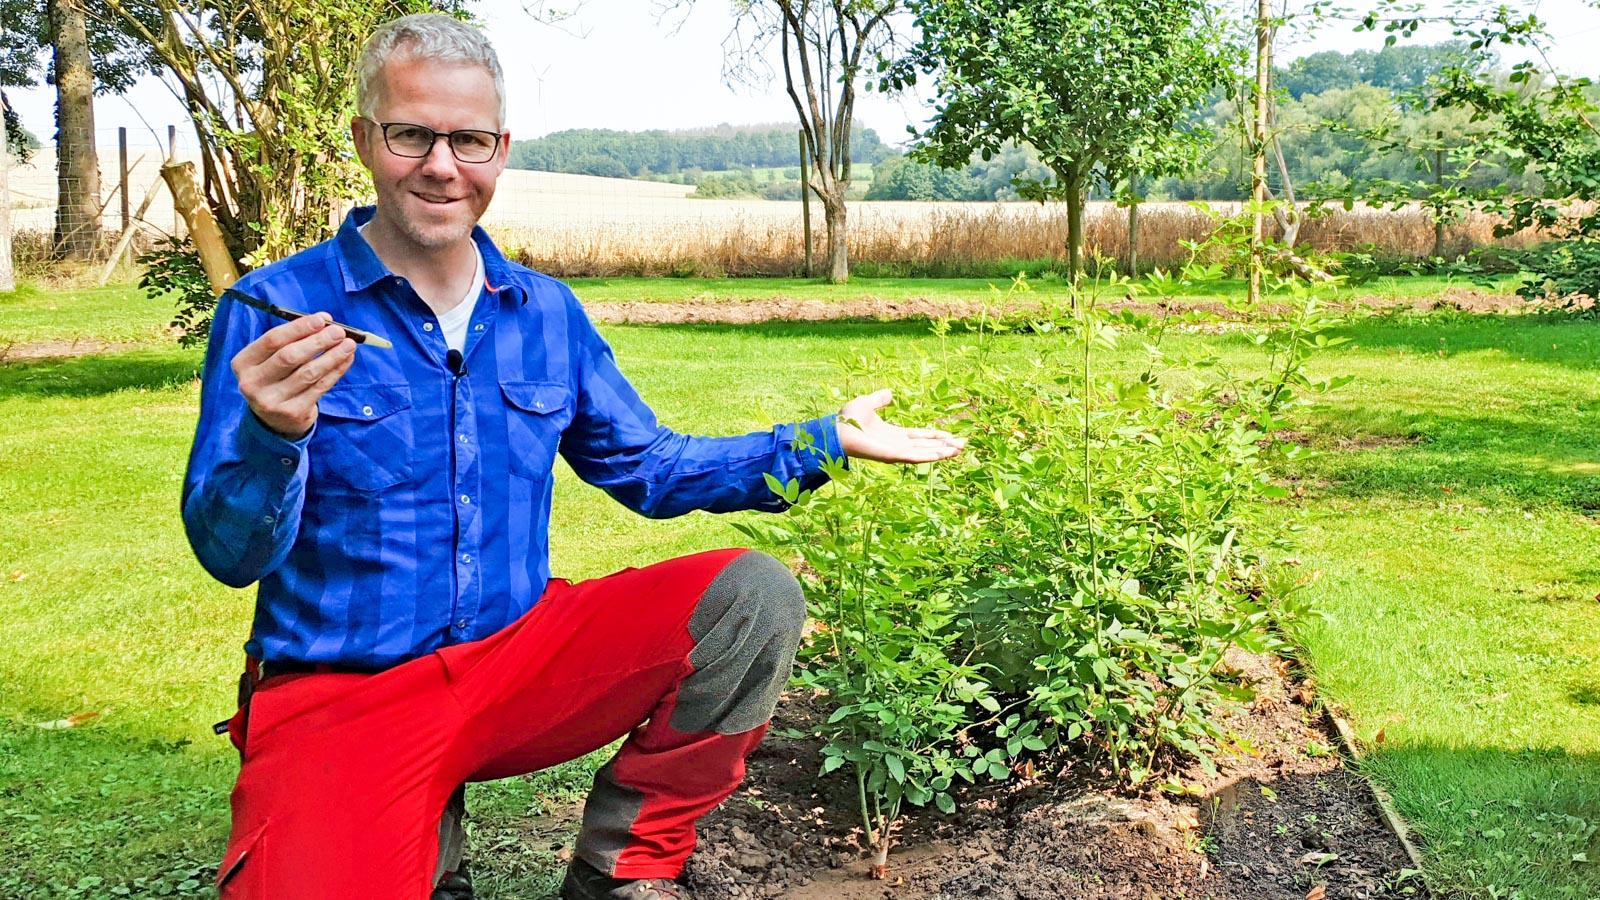 Gartenberater Philippe Dahlmann zeigt auf ein Beet mit Veredelungsunterlagenn